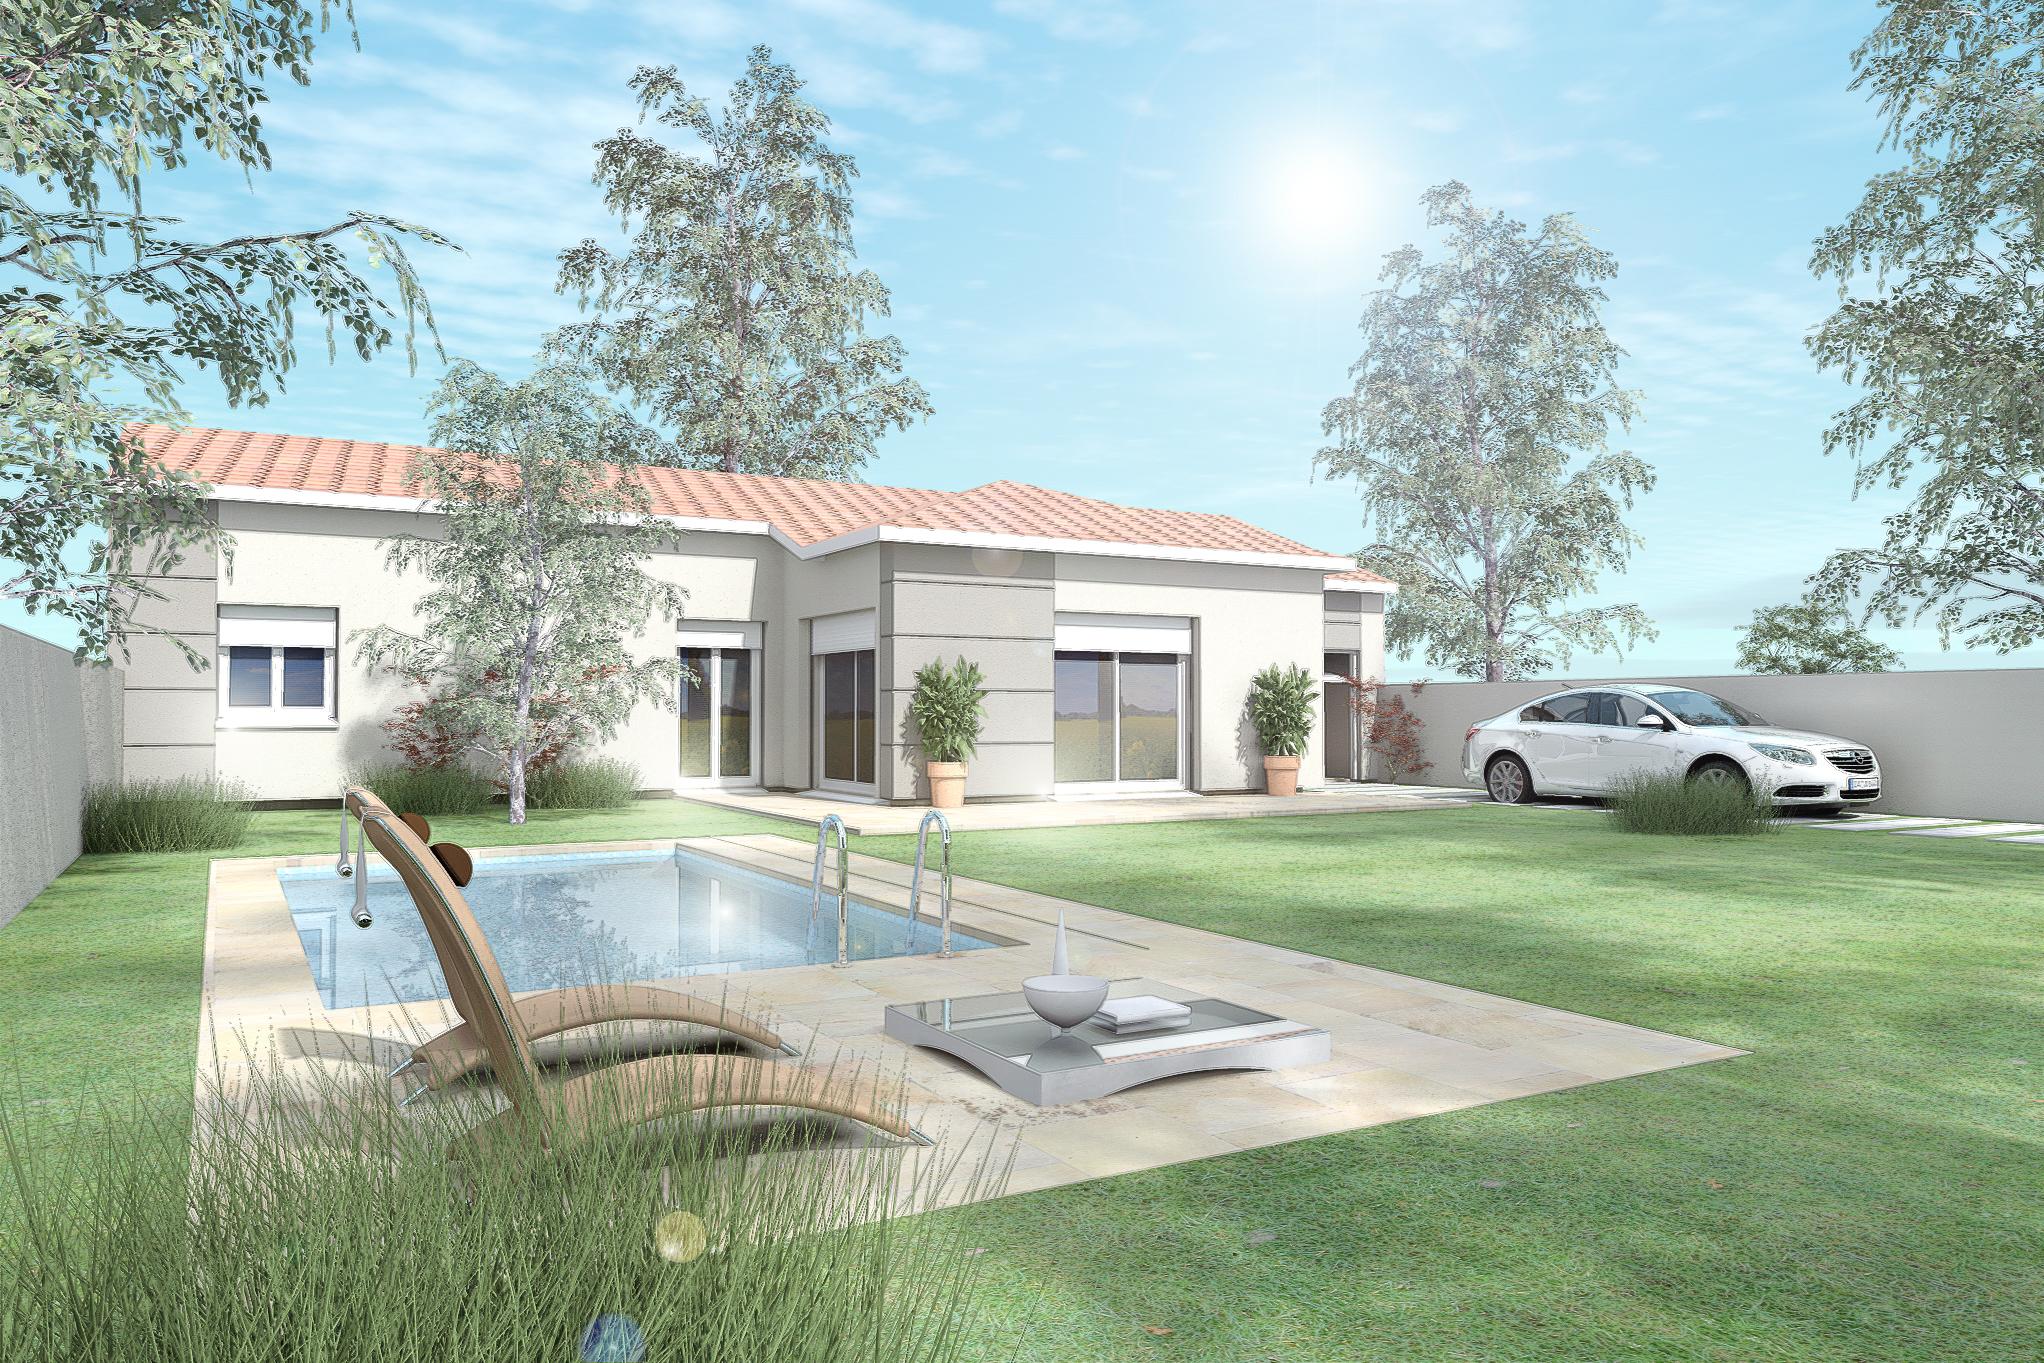 Maisons du constructeur MAISON DU DAUPHINE • 80 m² • BEAUMONT MONTEUX